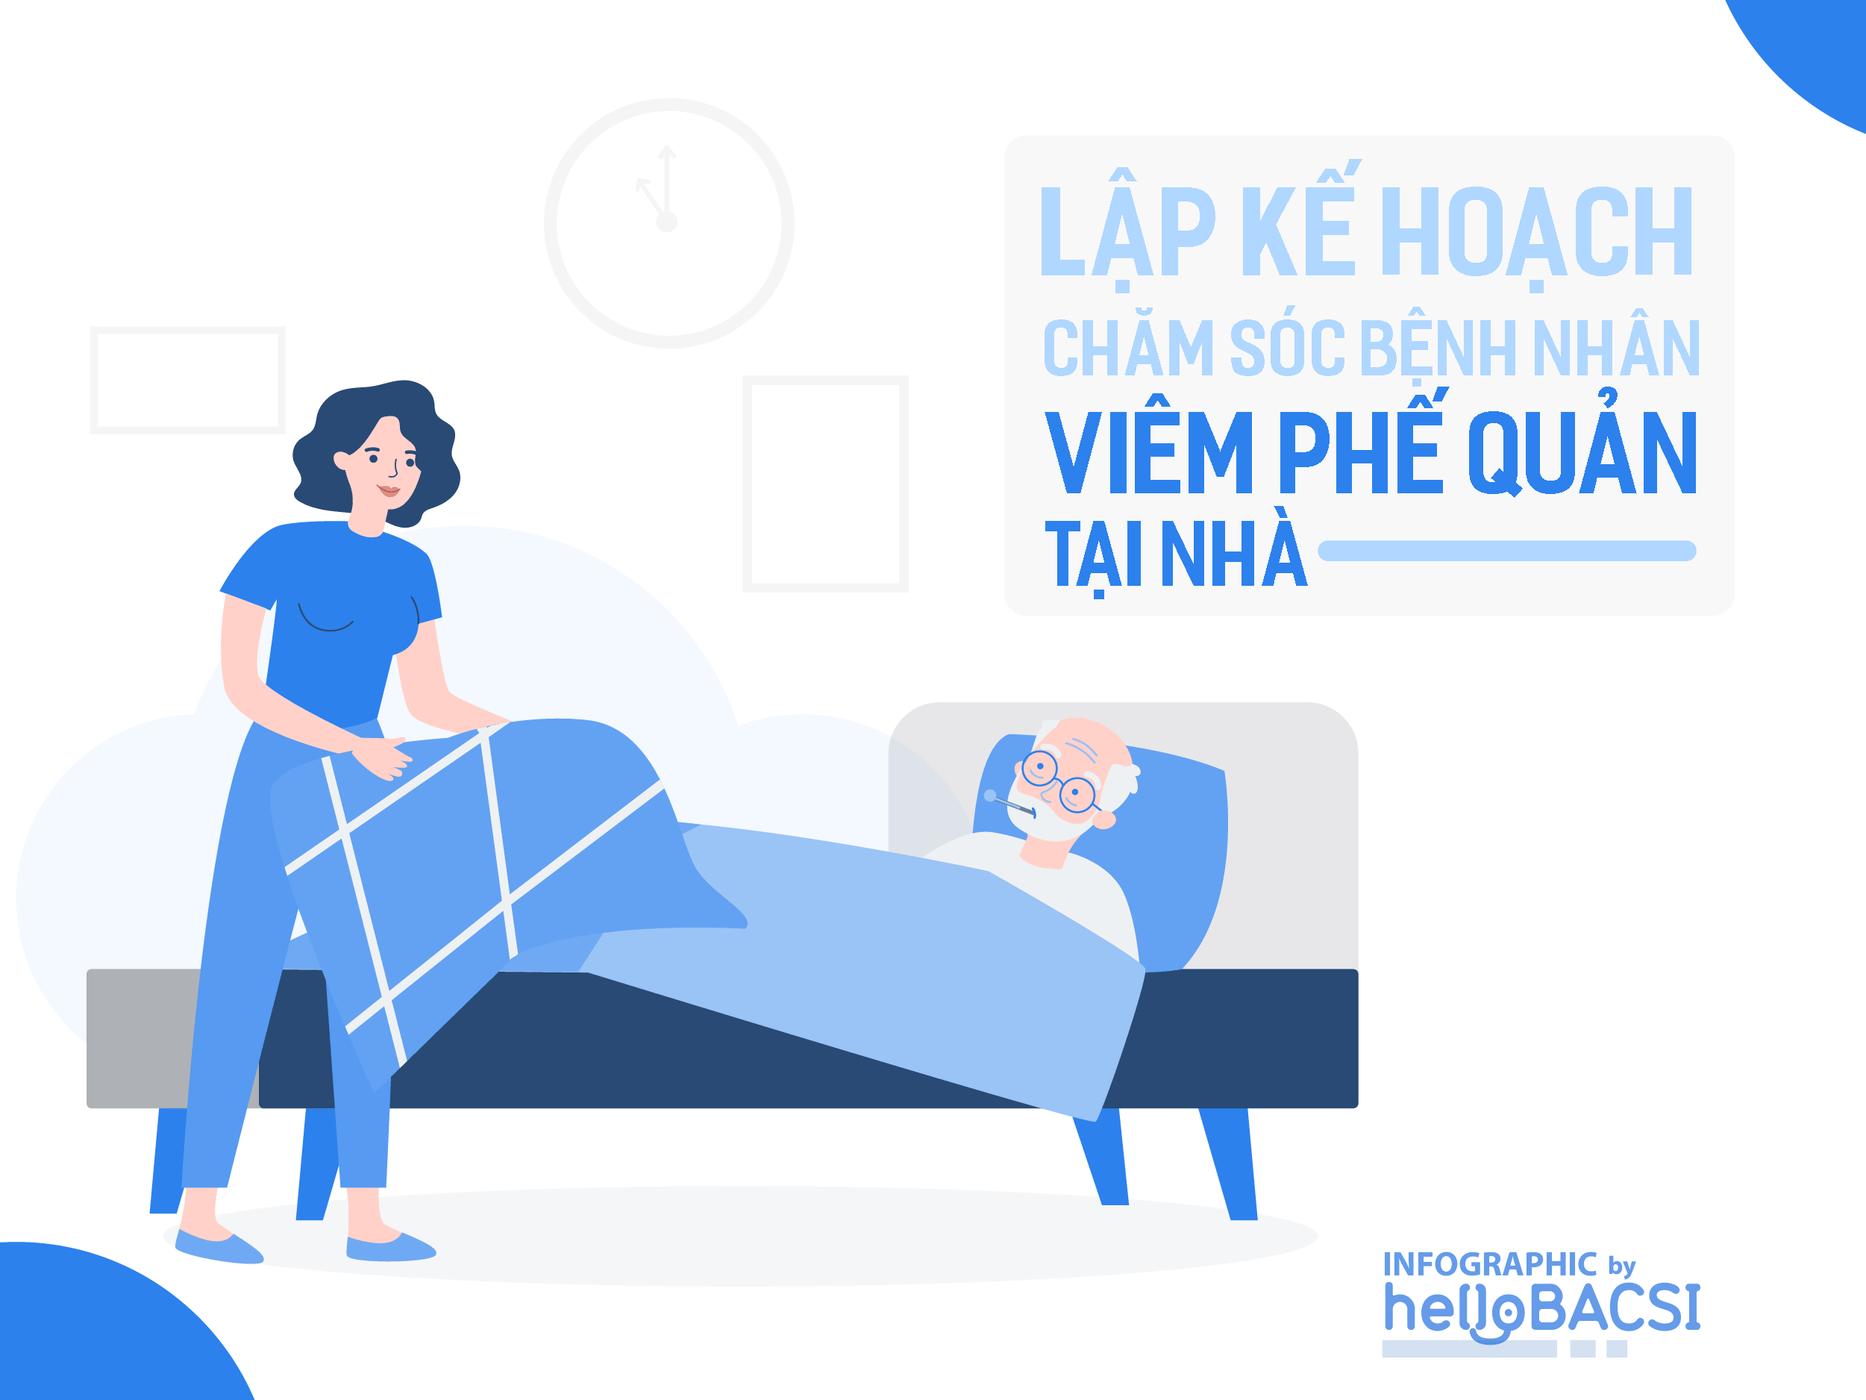 [Infographic] Lập kế hoạch chăm sóc bệnh nhân viêm phế quản tại nhà